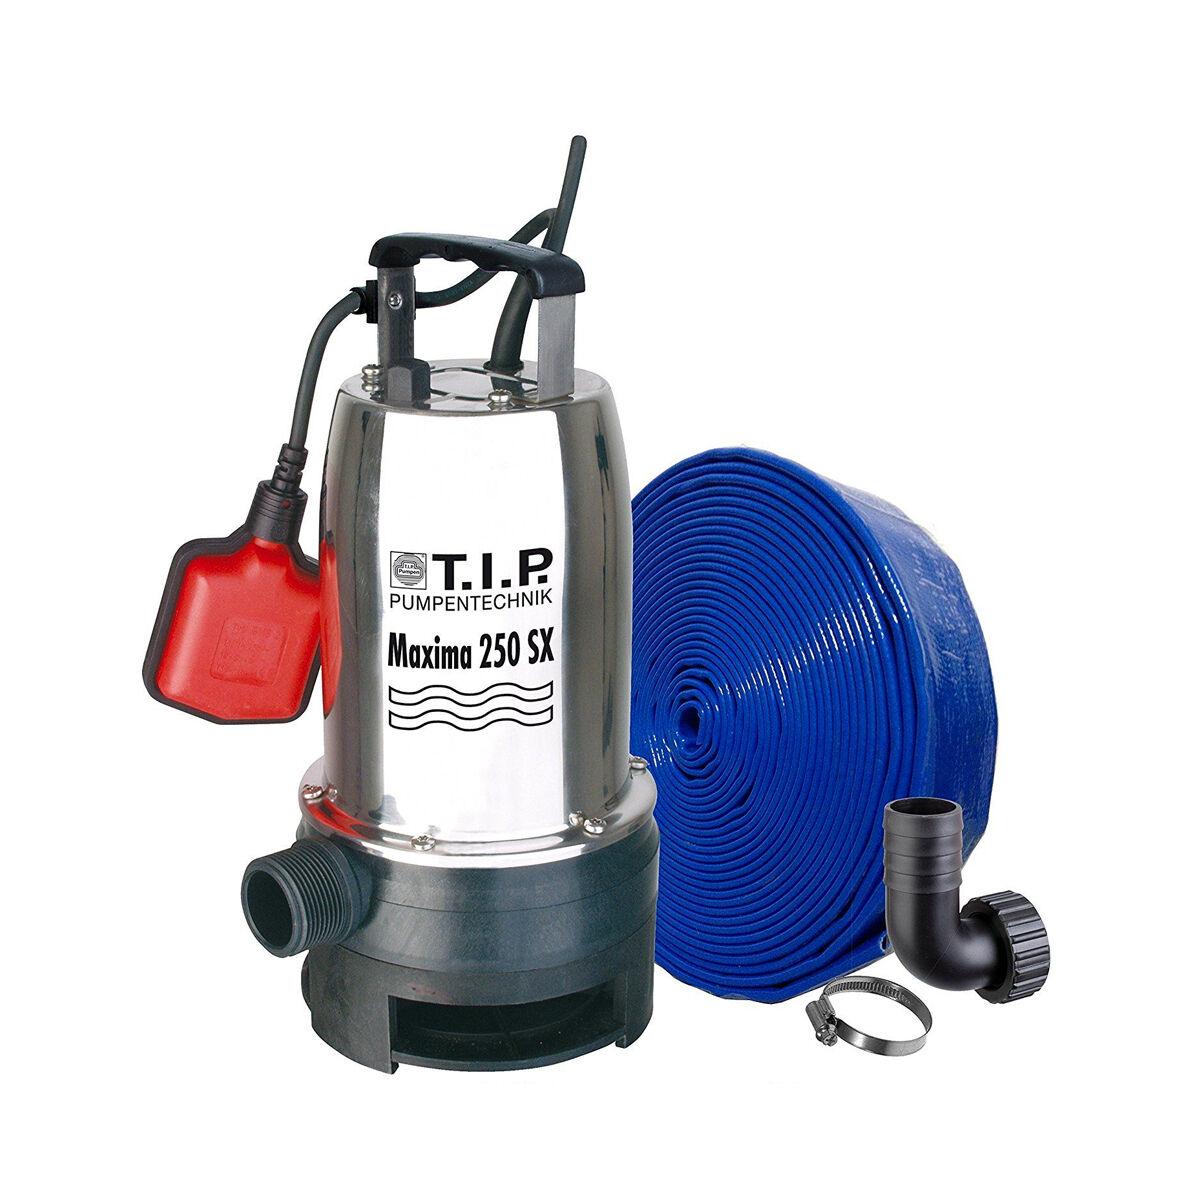 TIP Maxima 250 SX Pompe de relevage